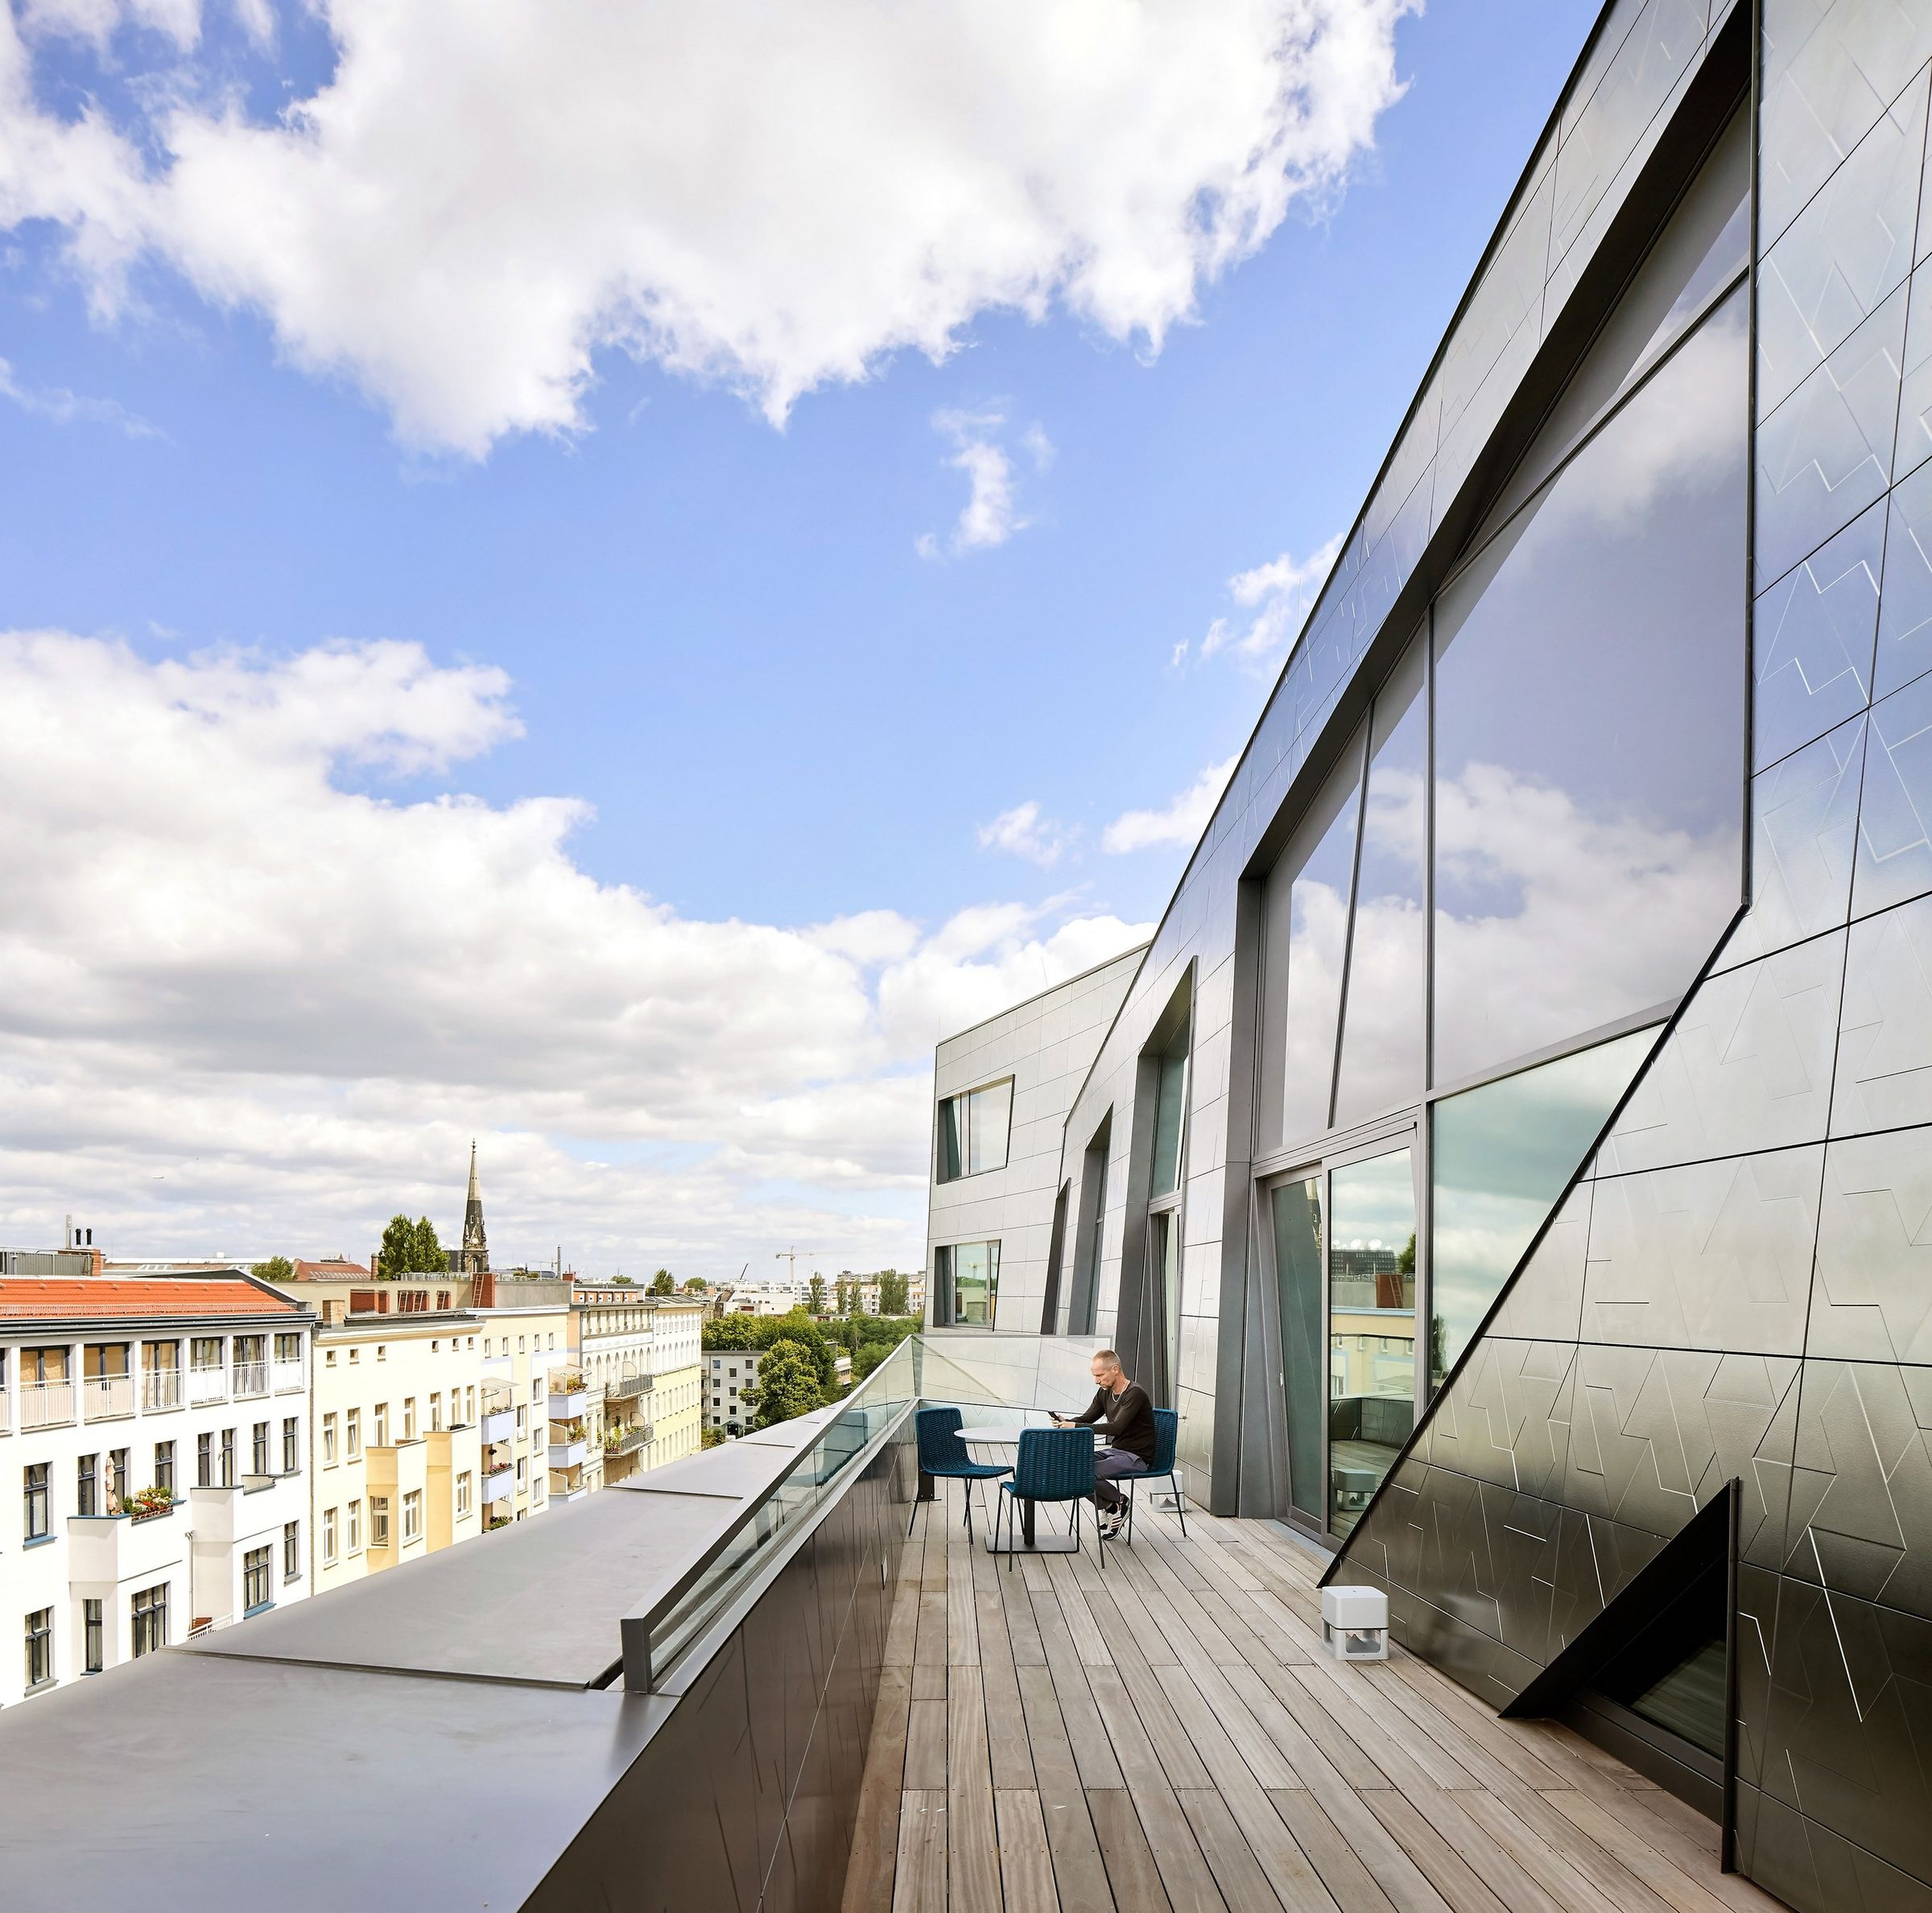 Sapphire Studio Daniel Libeskind Medias Photos Et Videos 5 Archello,Back Side Lehenga Blouse Designs Catalogue 2020